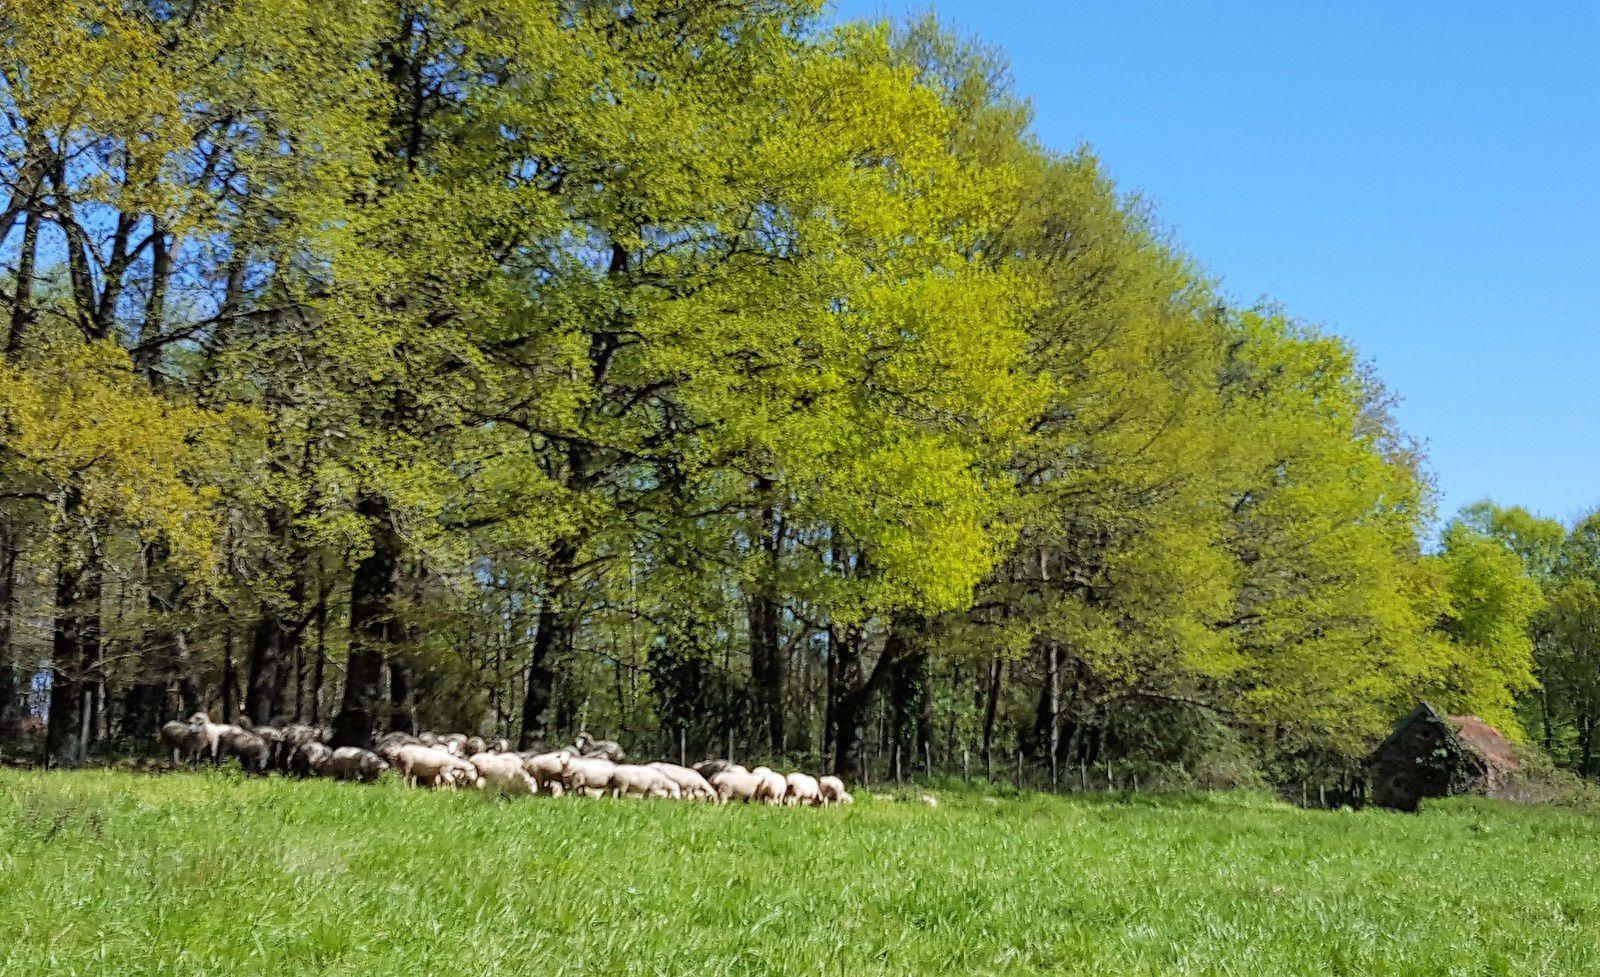 Les moutons commencent à avoir chaud